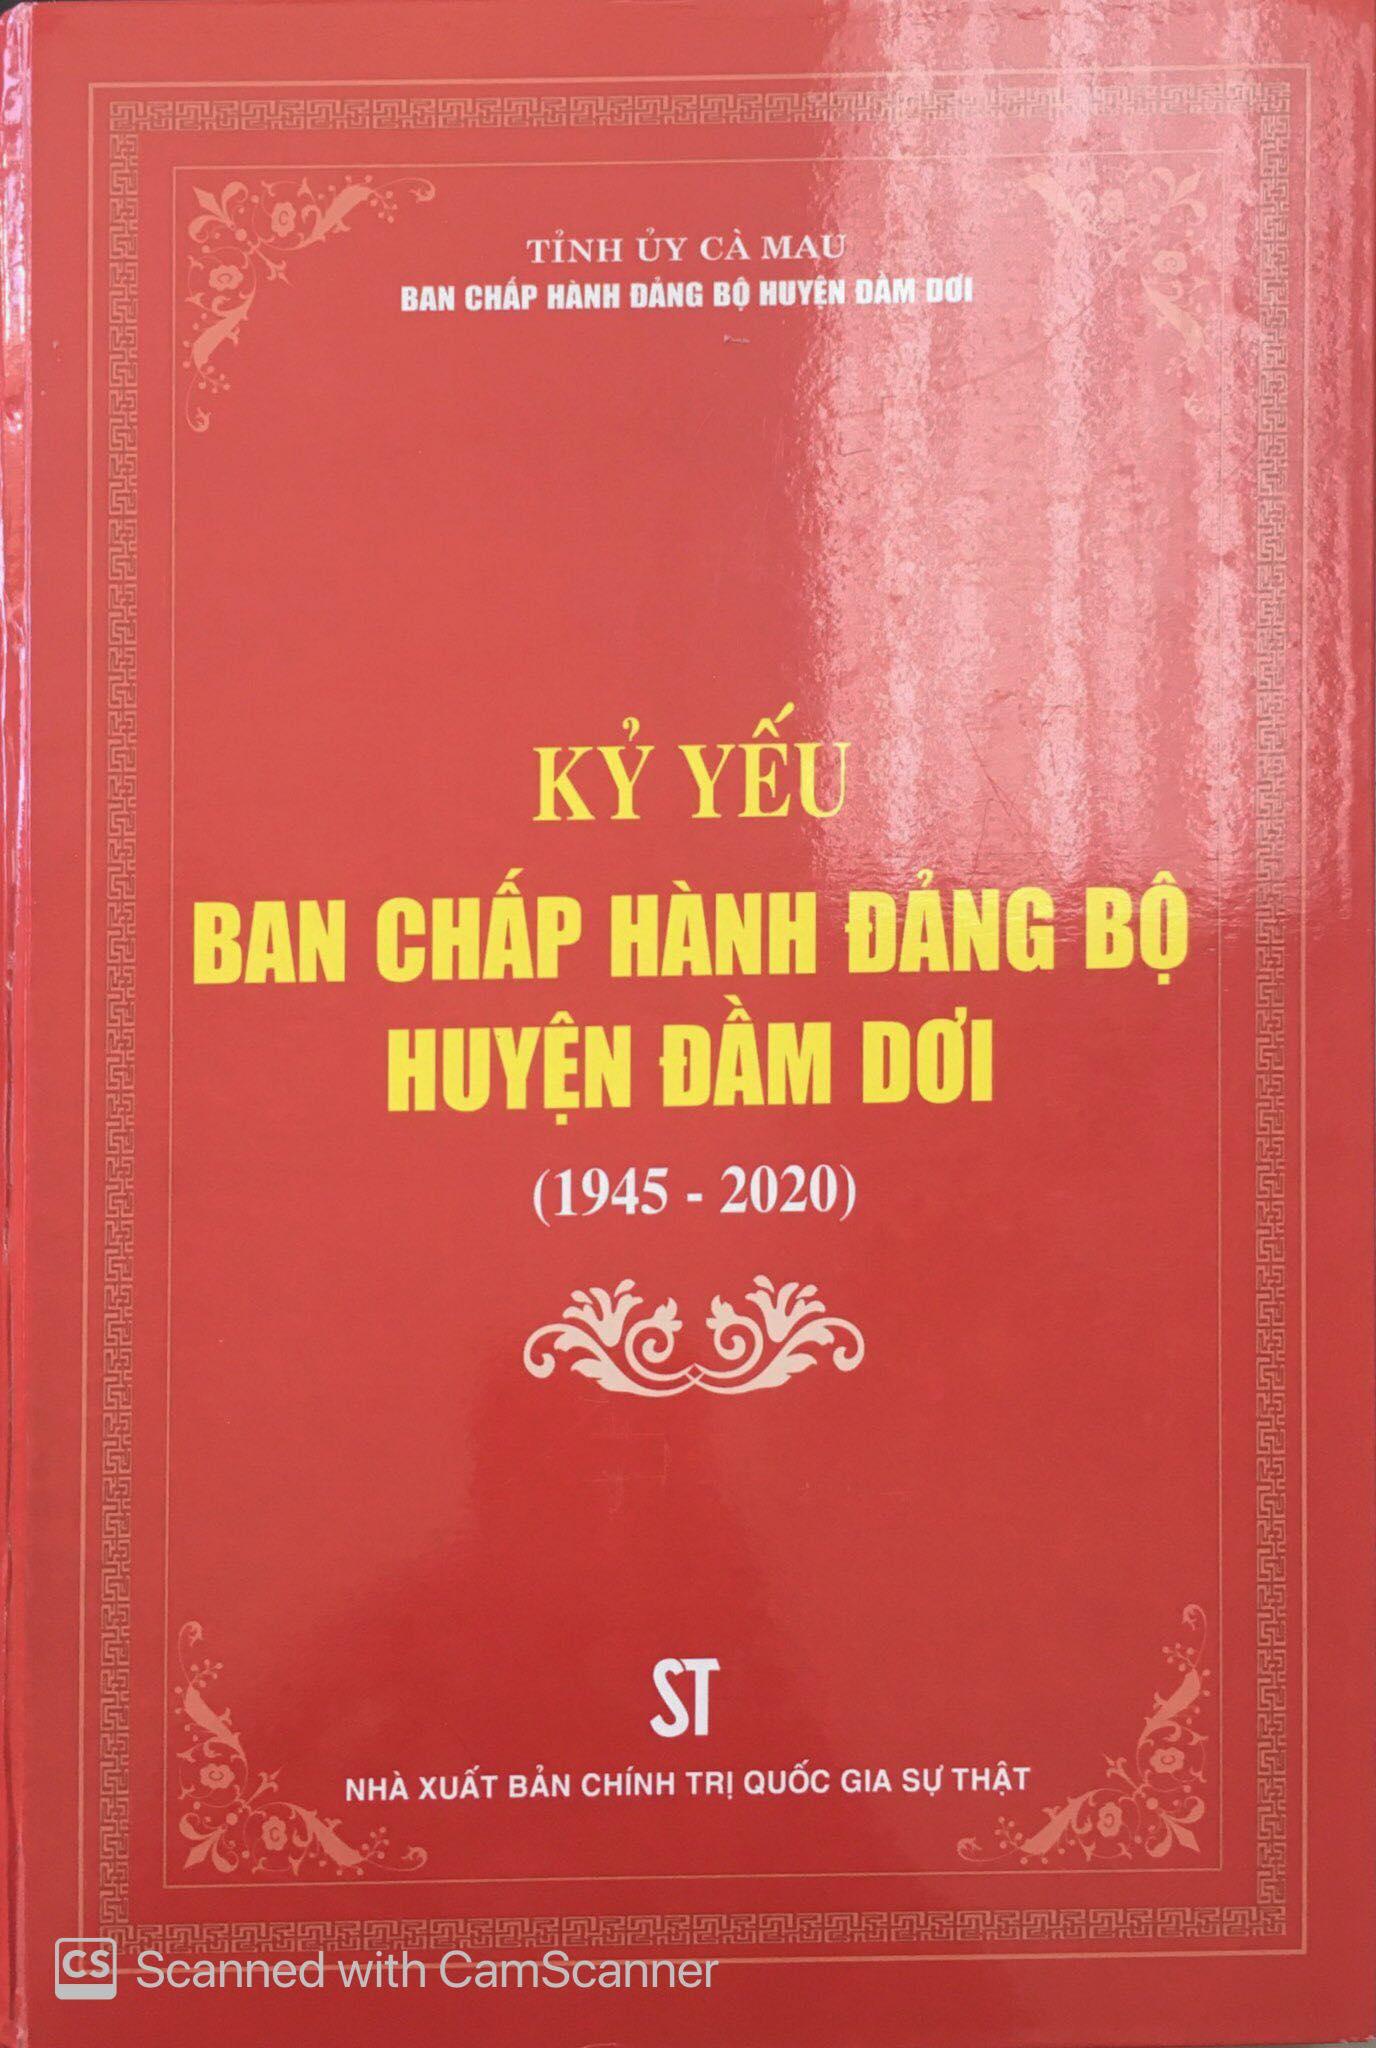 Kỷ yếu Ban Chấp hành Đảng bộ huyện Đầm Dơi (1945 - 2020)